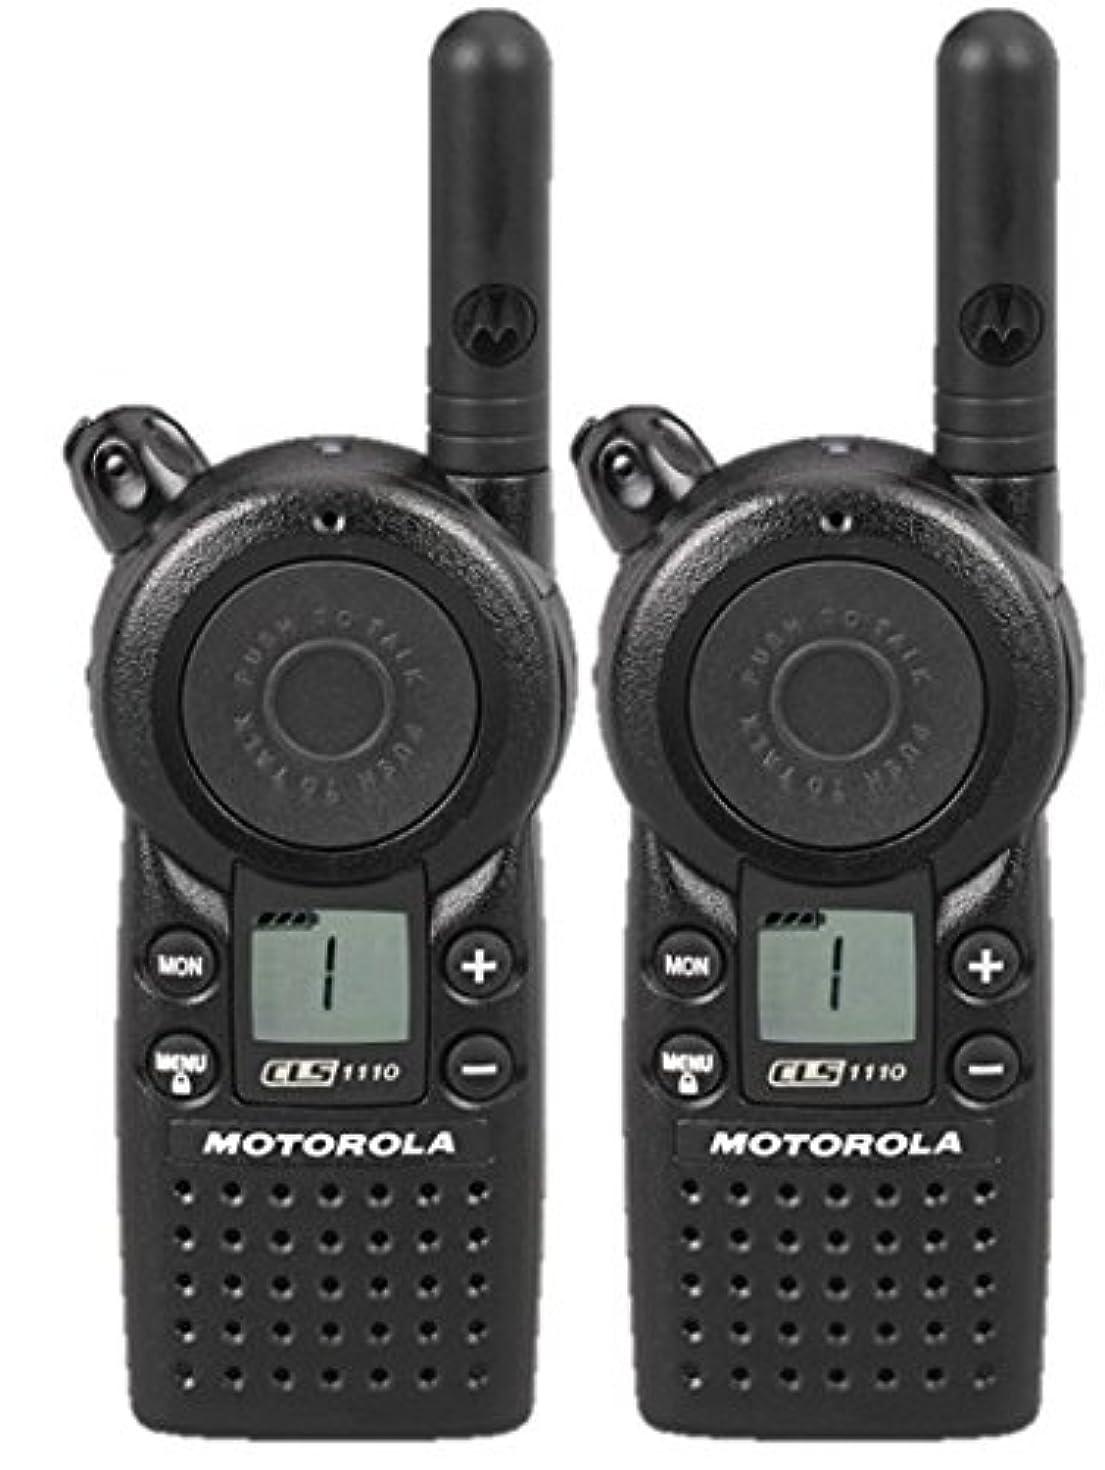 2 Pack of Motorola CLS1110 Two Way Radio Walkie Talkies (UHF)